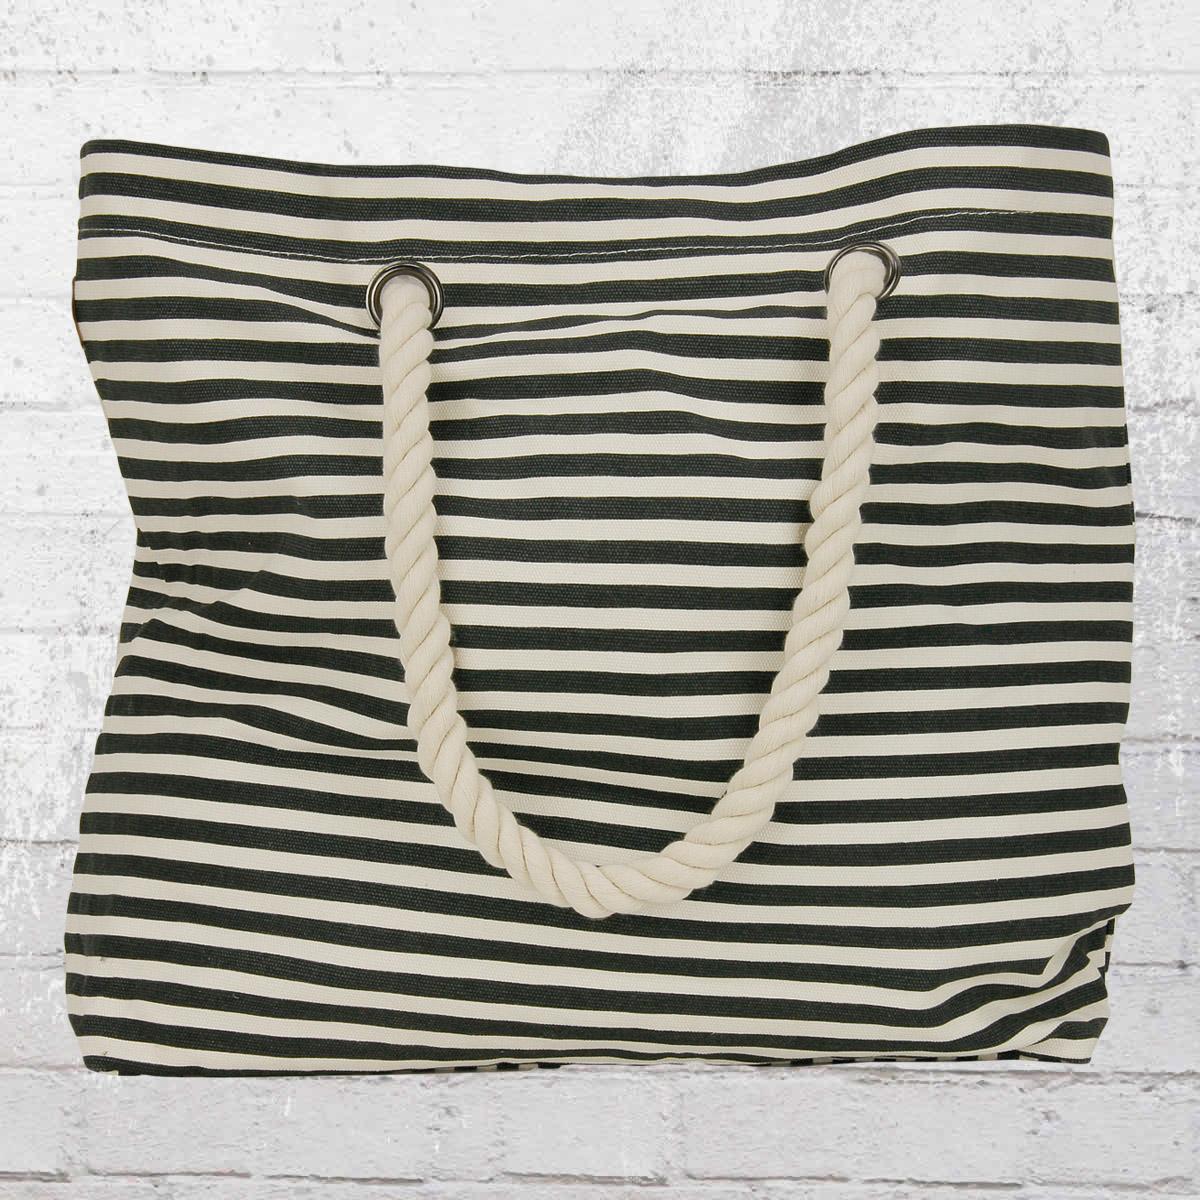 jetzt bestellen billabong damen strand tasche essential bag stripes schwarz weiss krasse. Black Bedroom Furniture Sets. Home Design Ideas